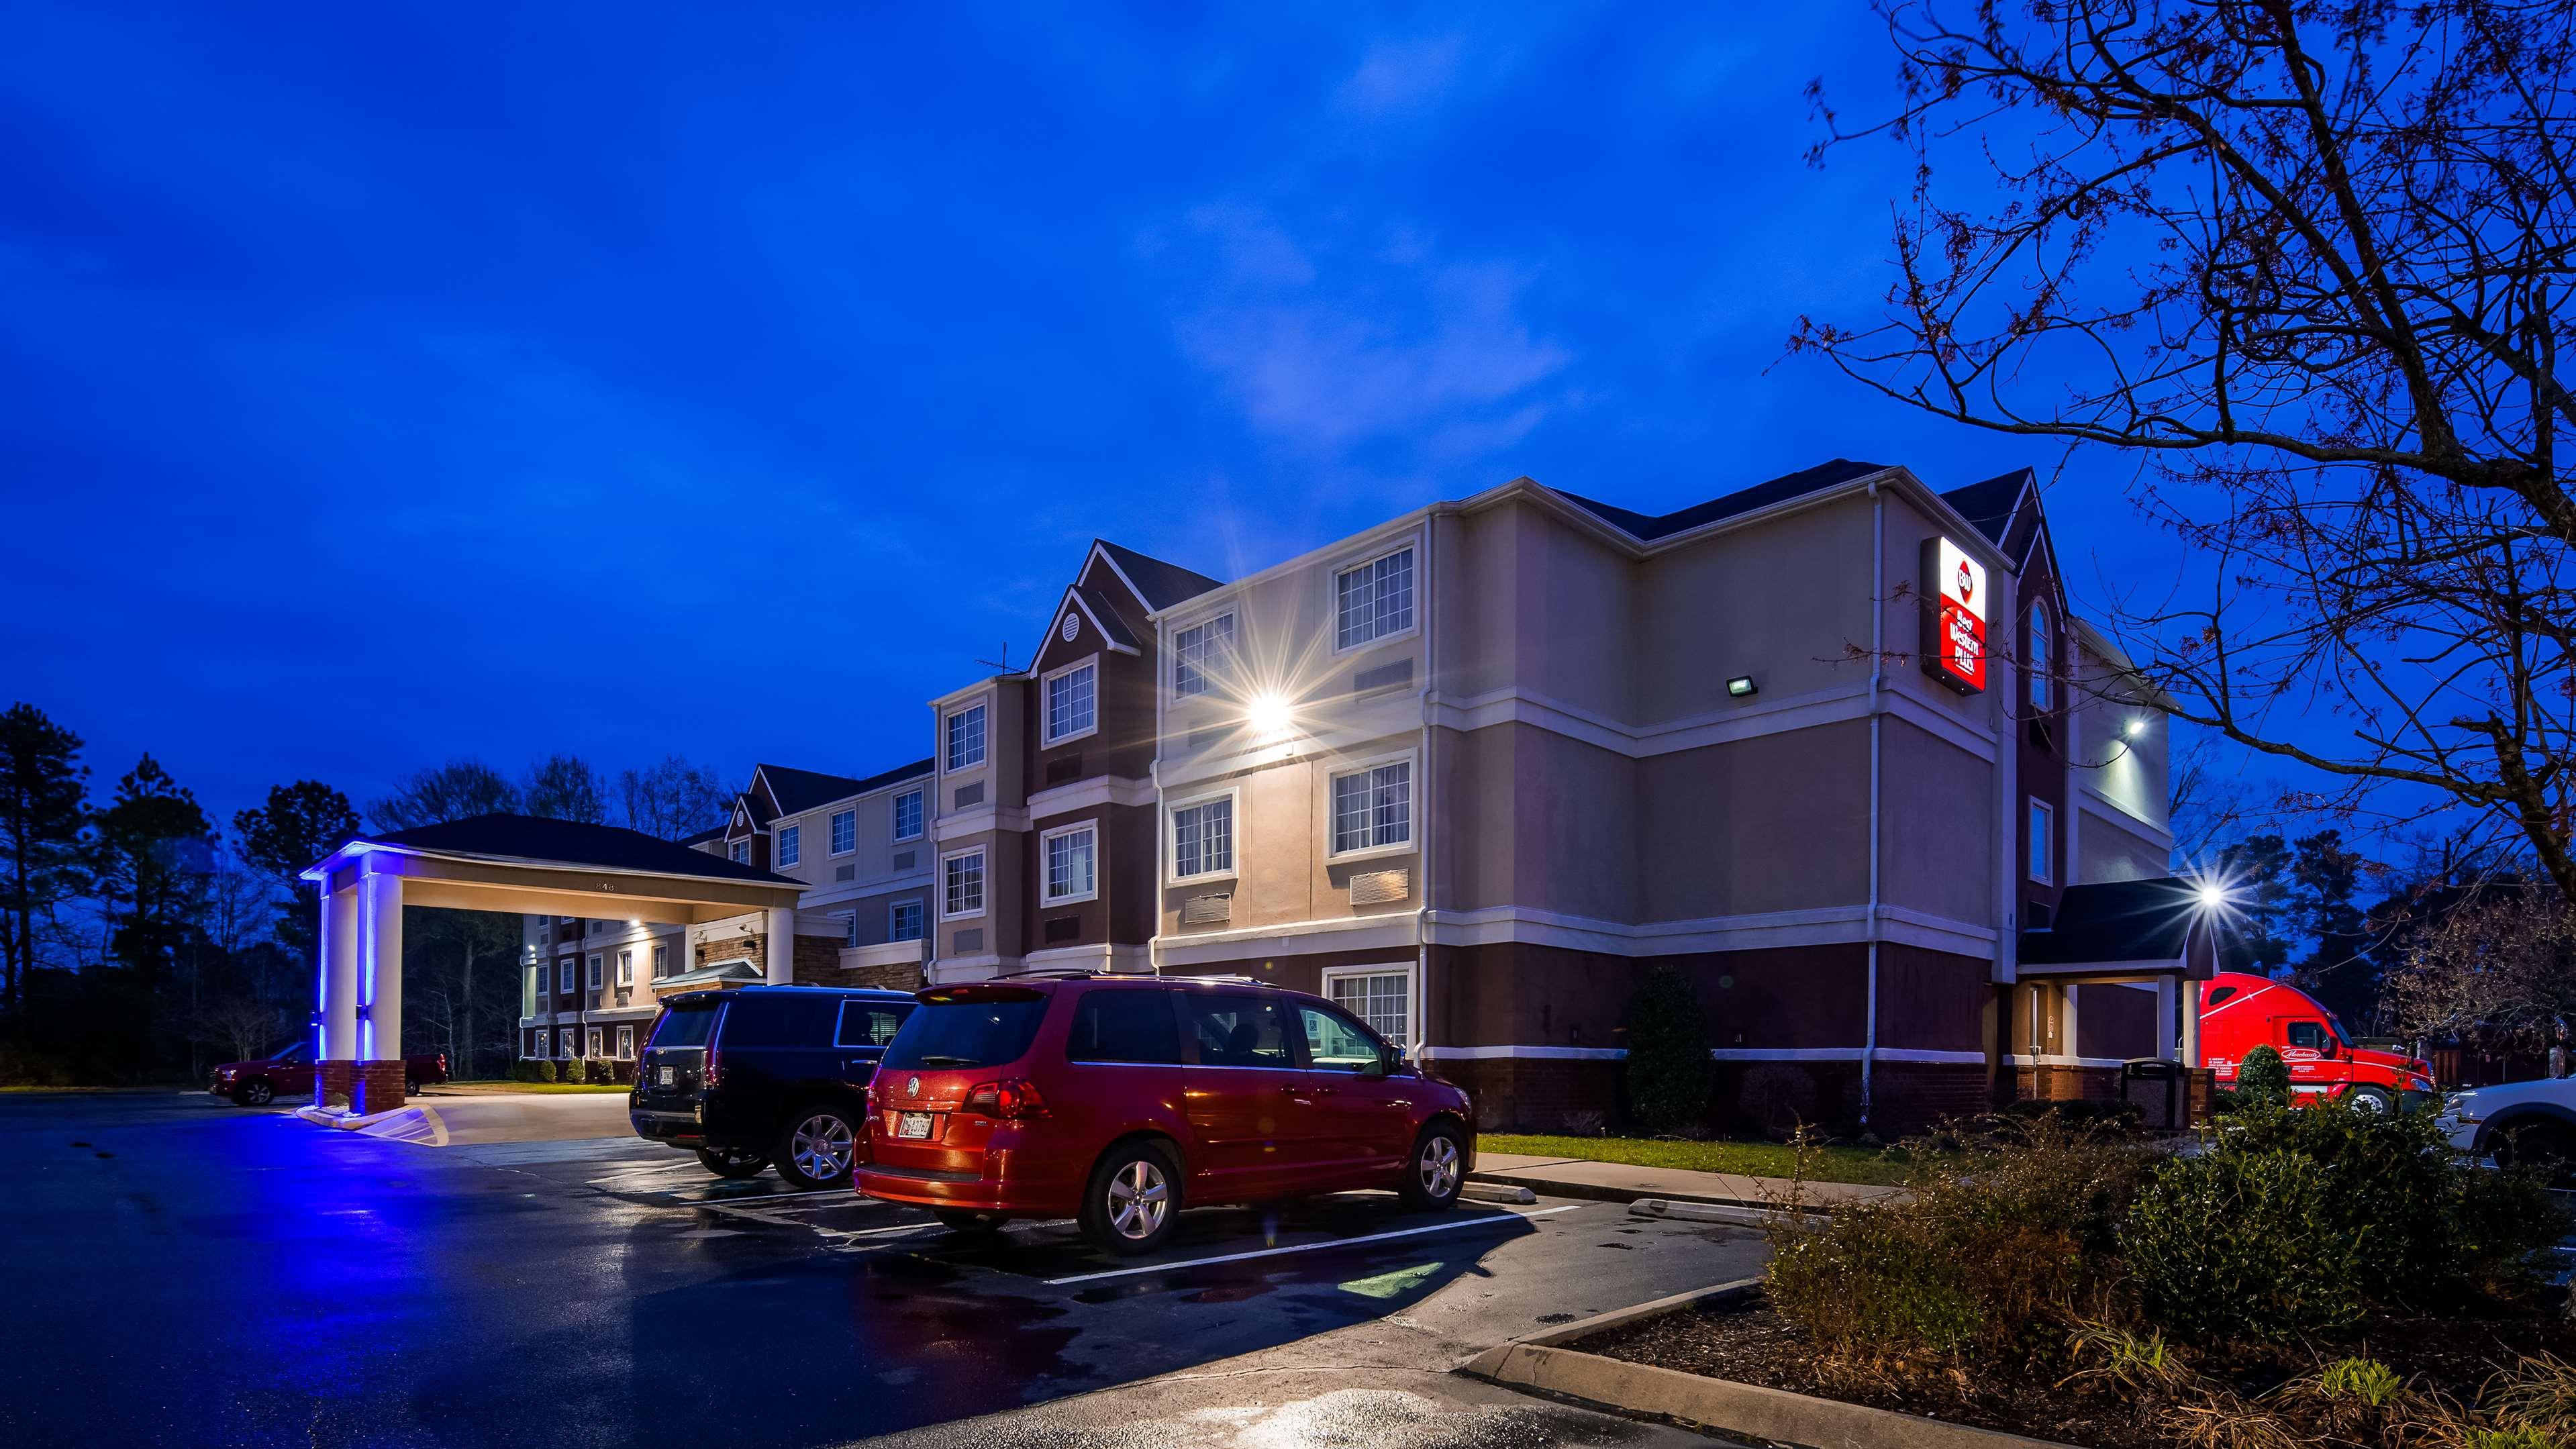 Best Western Plus Elizabeth City Inn & Suites image 1